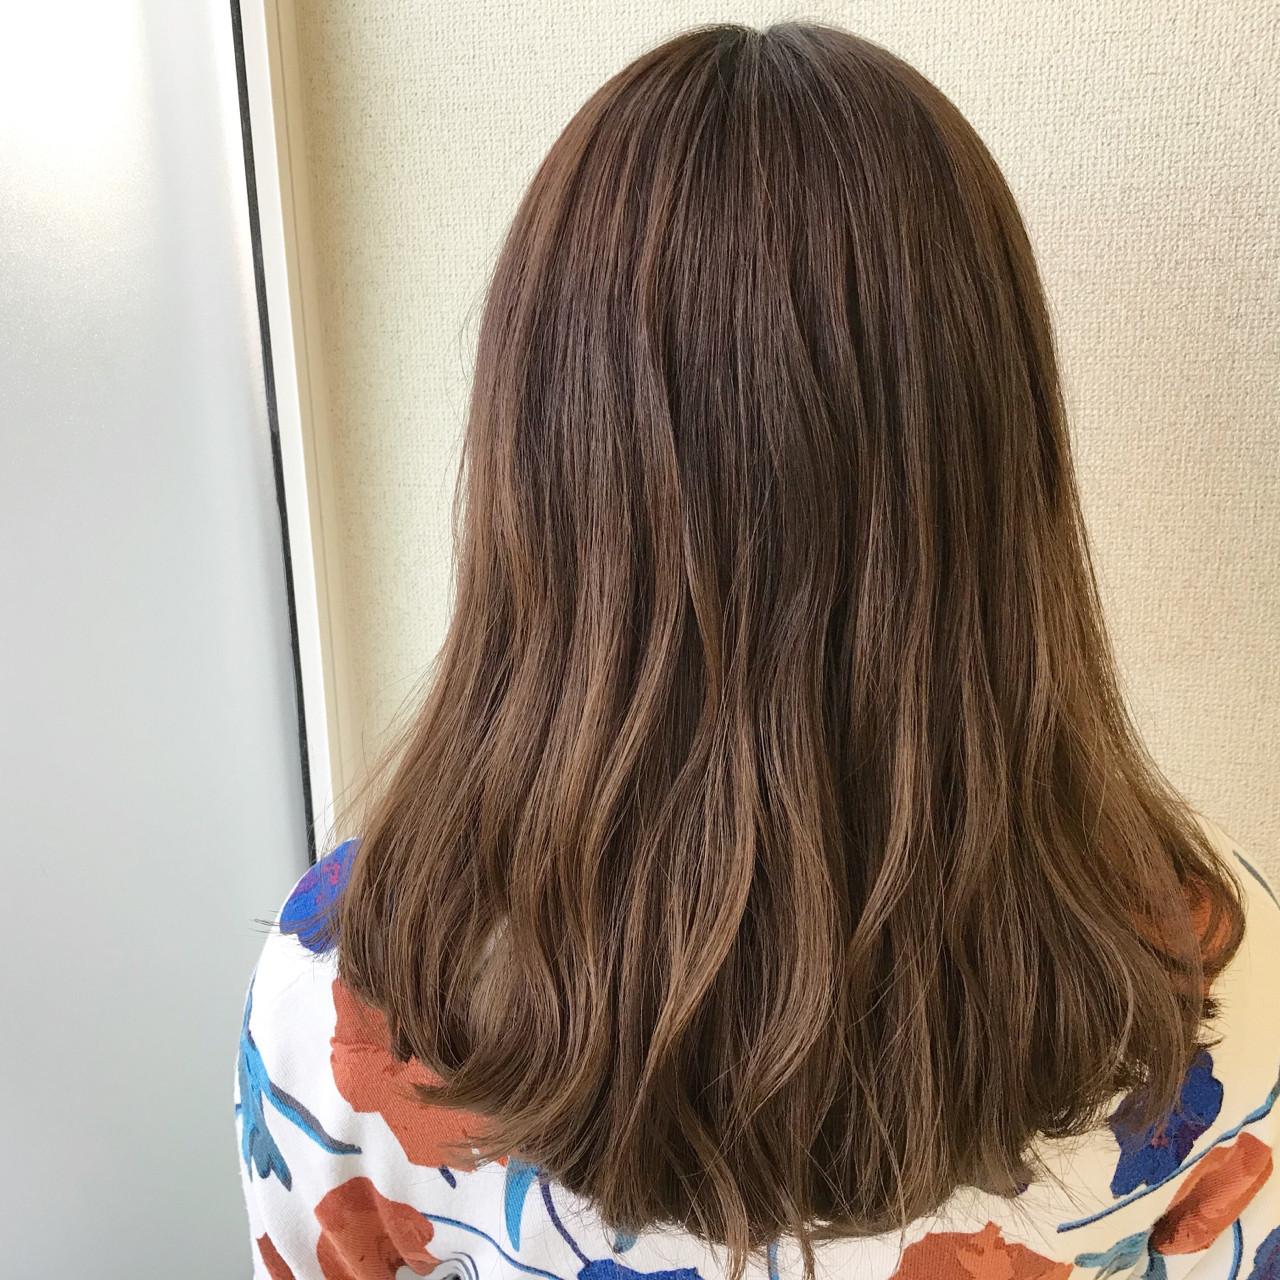 ナチュラル 大人女子 透明感 ヘアアレンジ ヘアスタイルや髪型の写真・画像 | 新谷 朋宏 / sorte